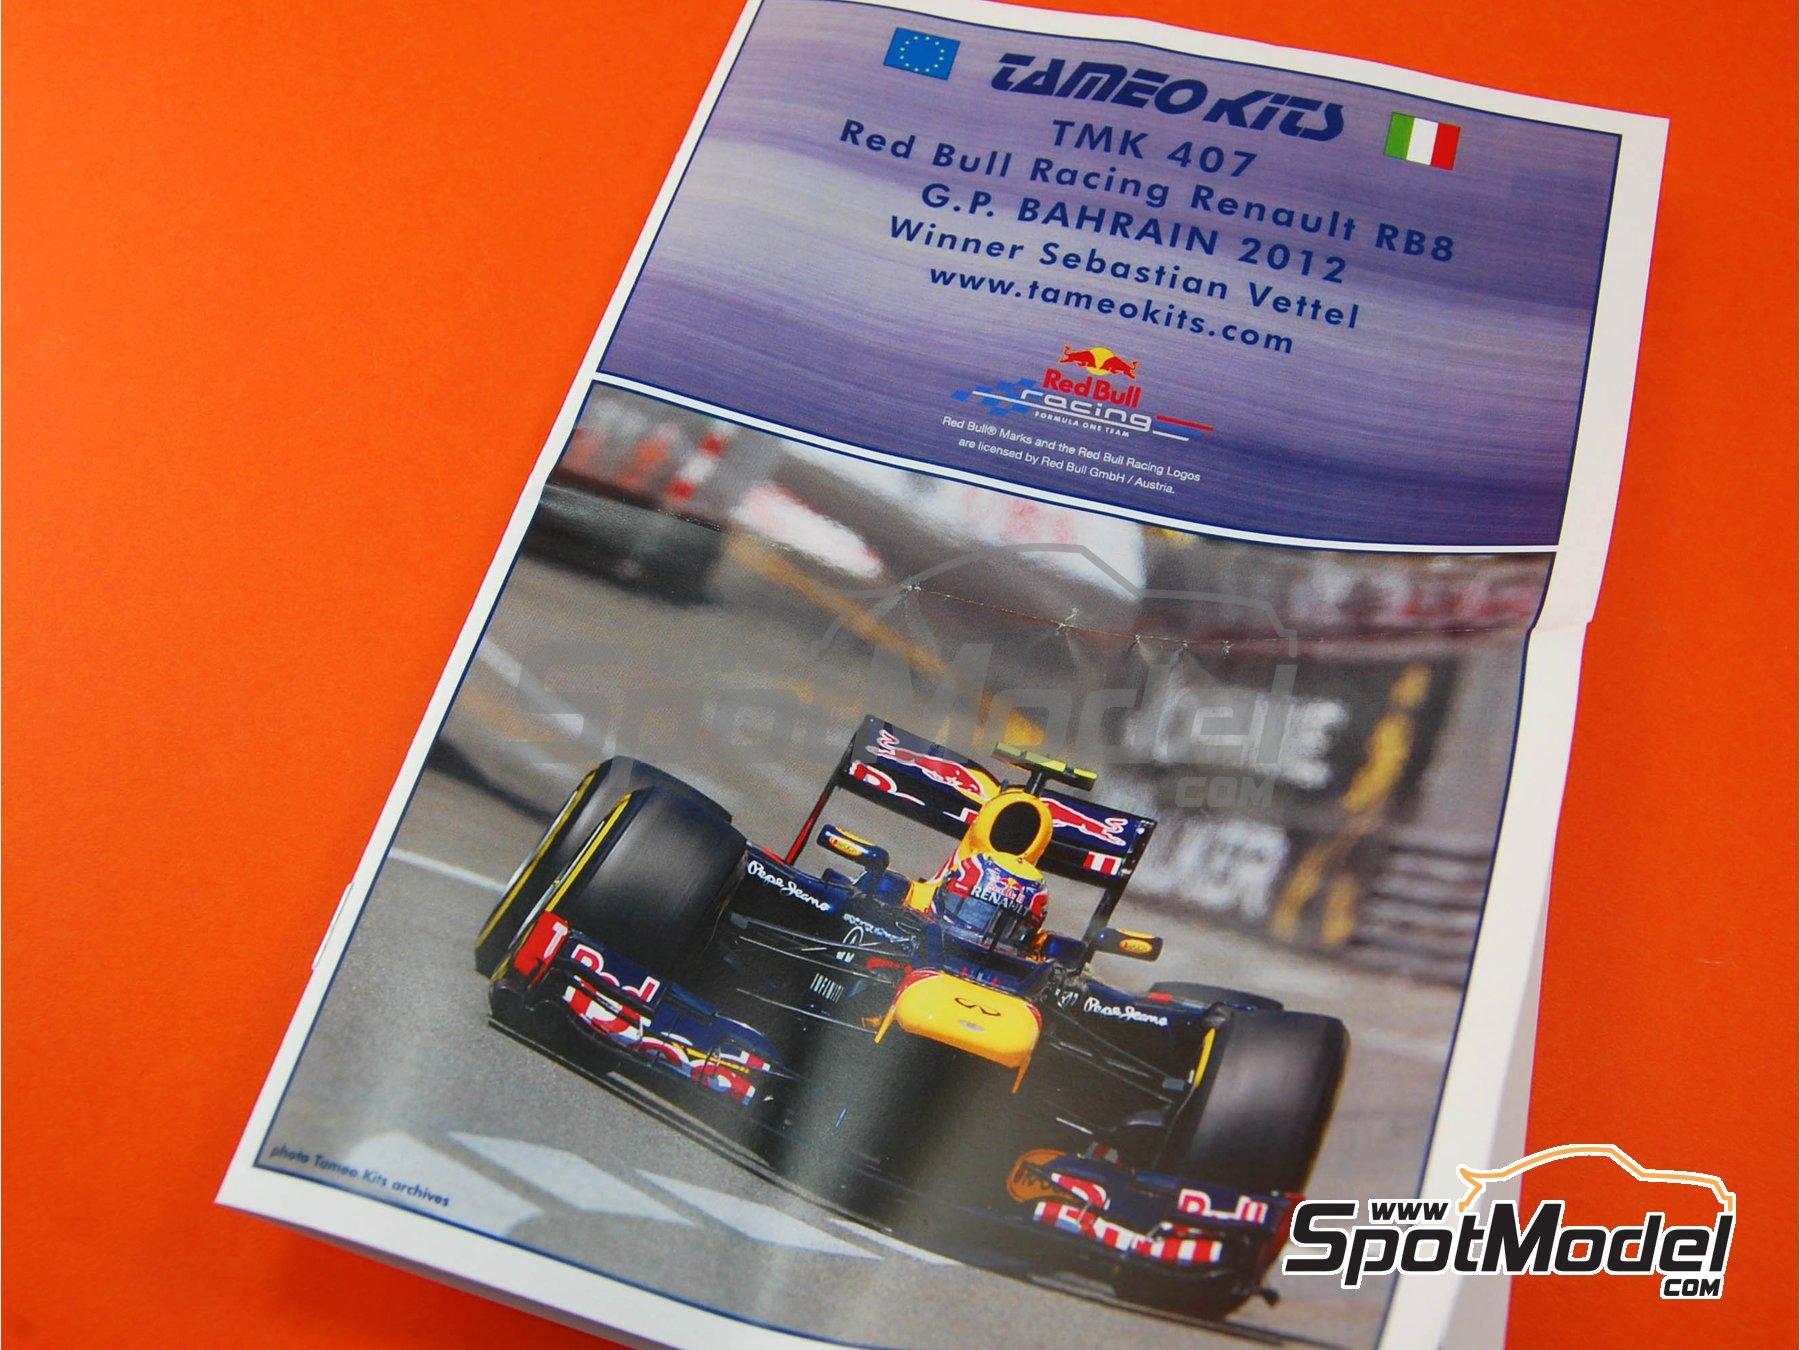 Image 2: RB Racing Renault RB8 - Gran Premio de Fórmula 1 de Bahrein 2012 | Maqueta de coche en escala1/43 fabricado por Tameo Kits (ref.TMK407)